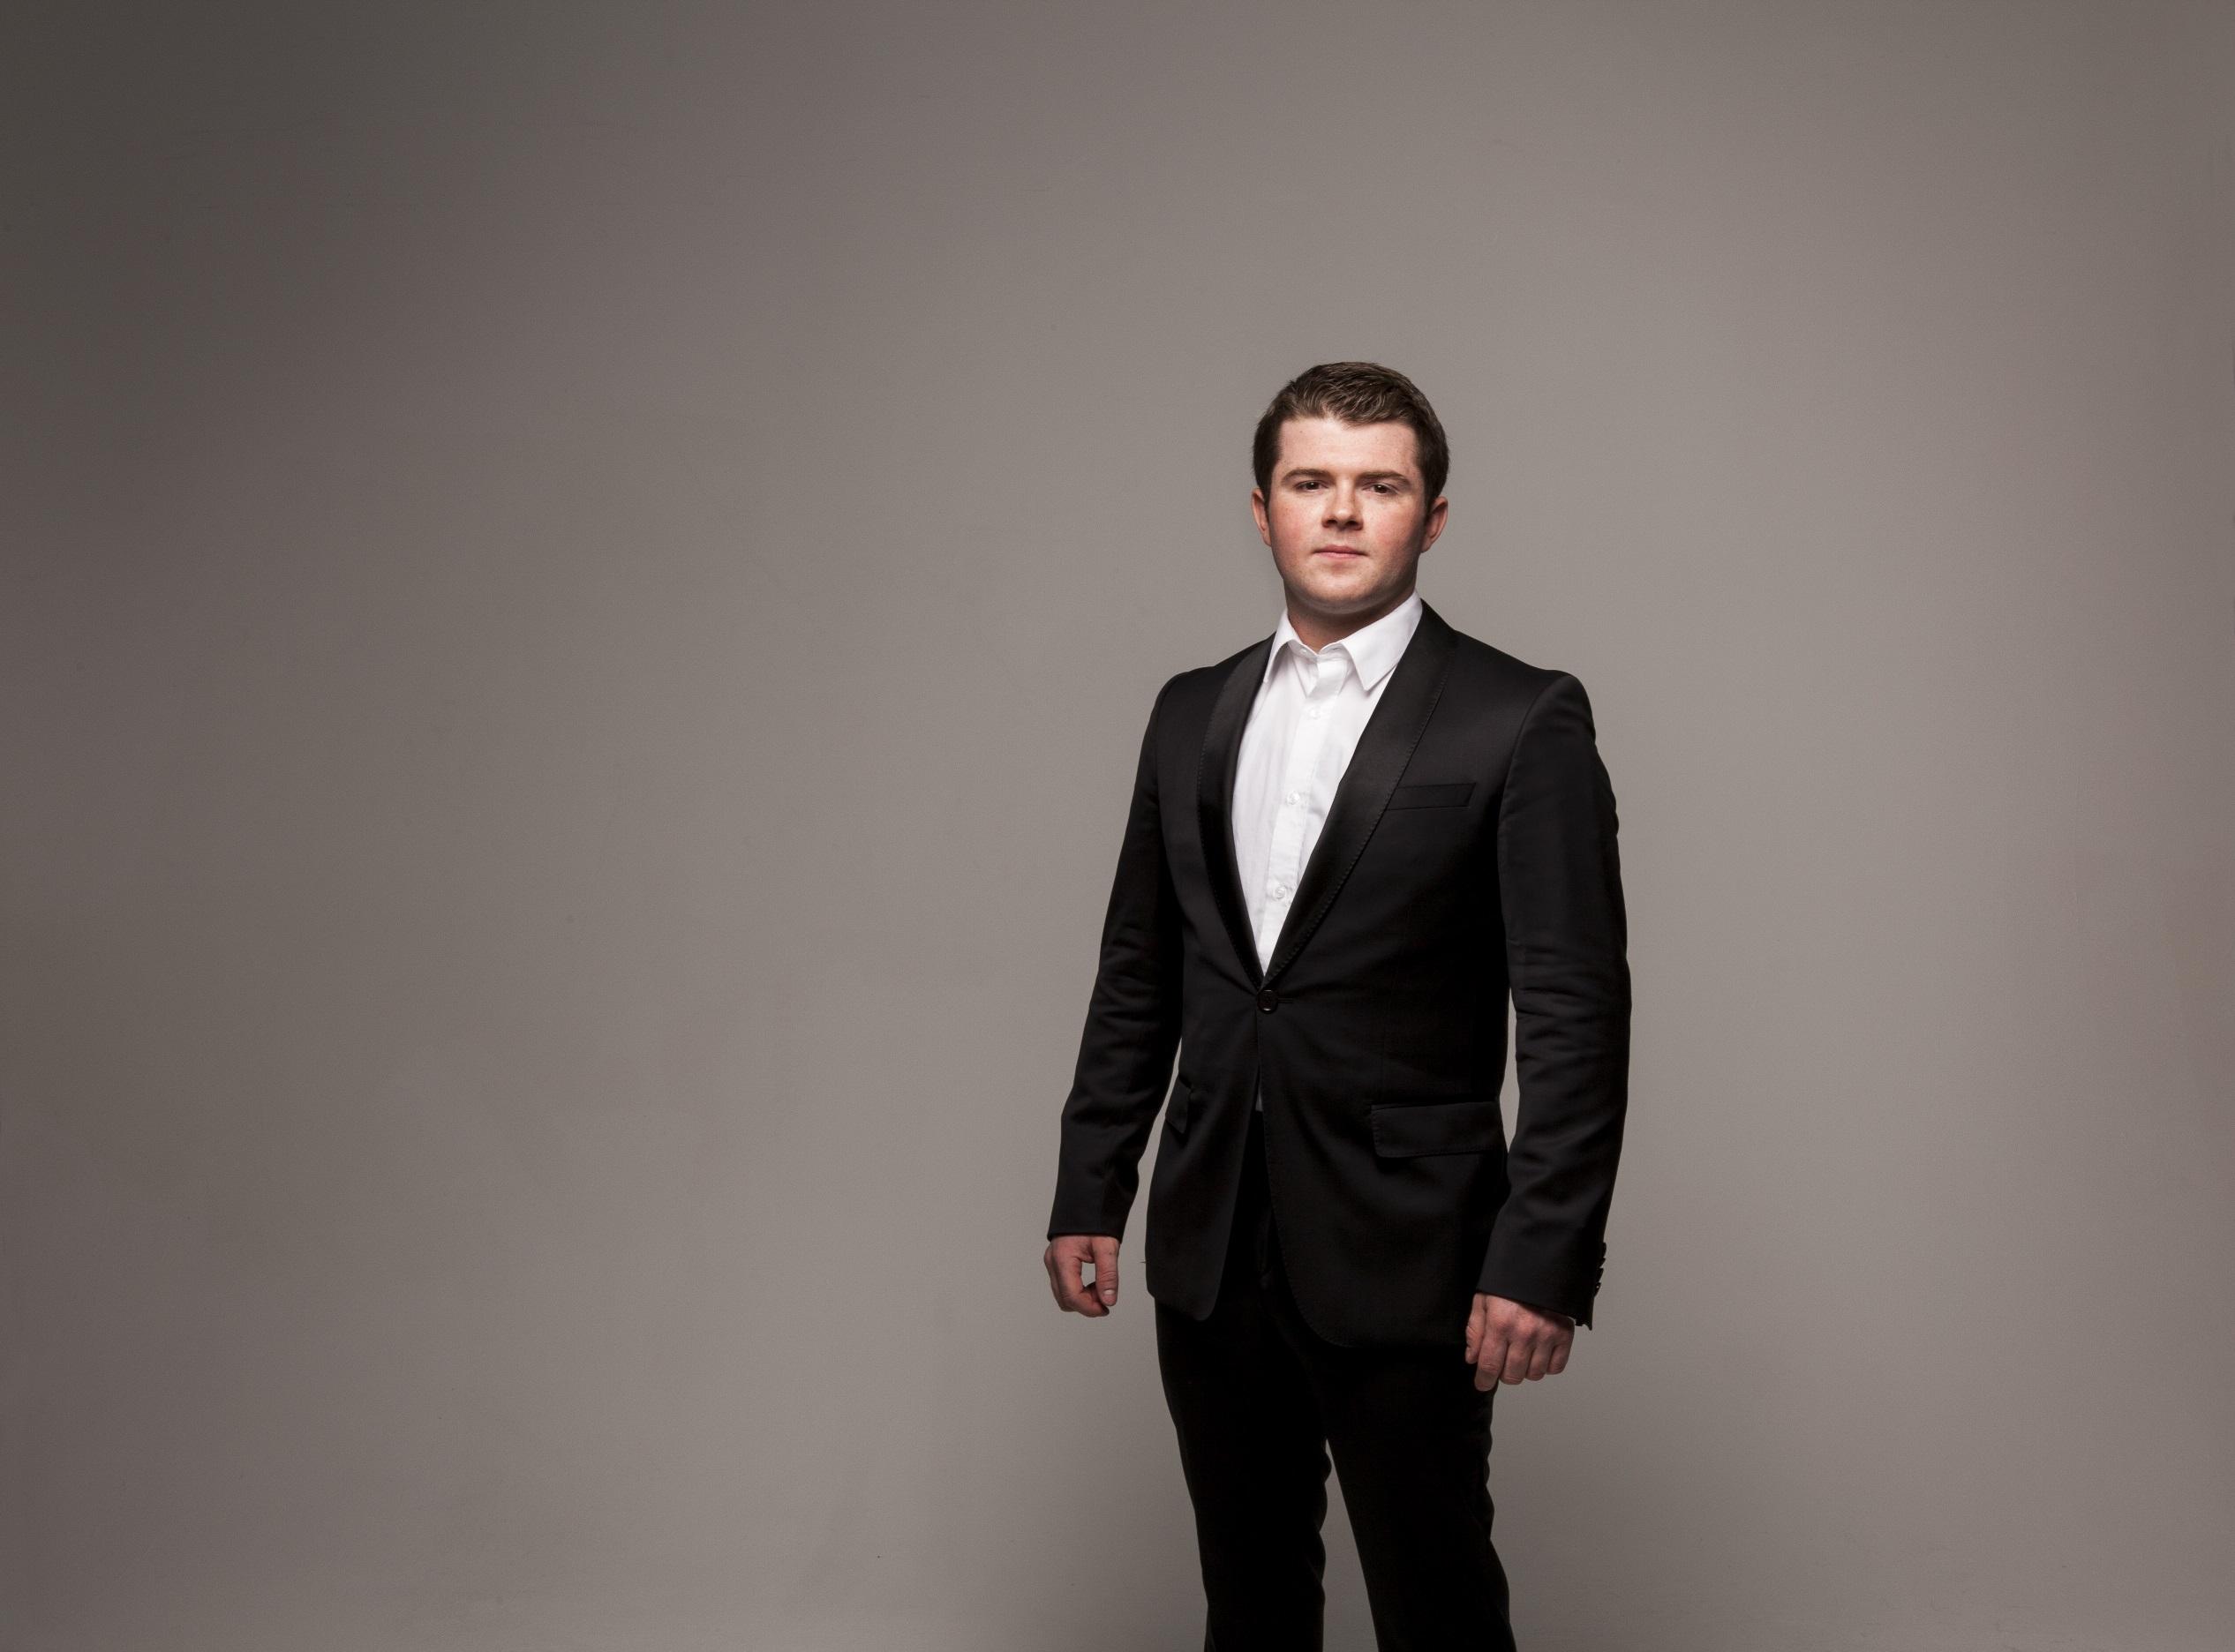 Julian Bliss 4, credit Ben Wright smaller size